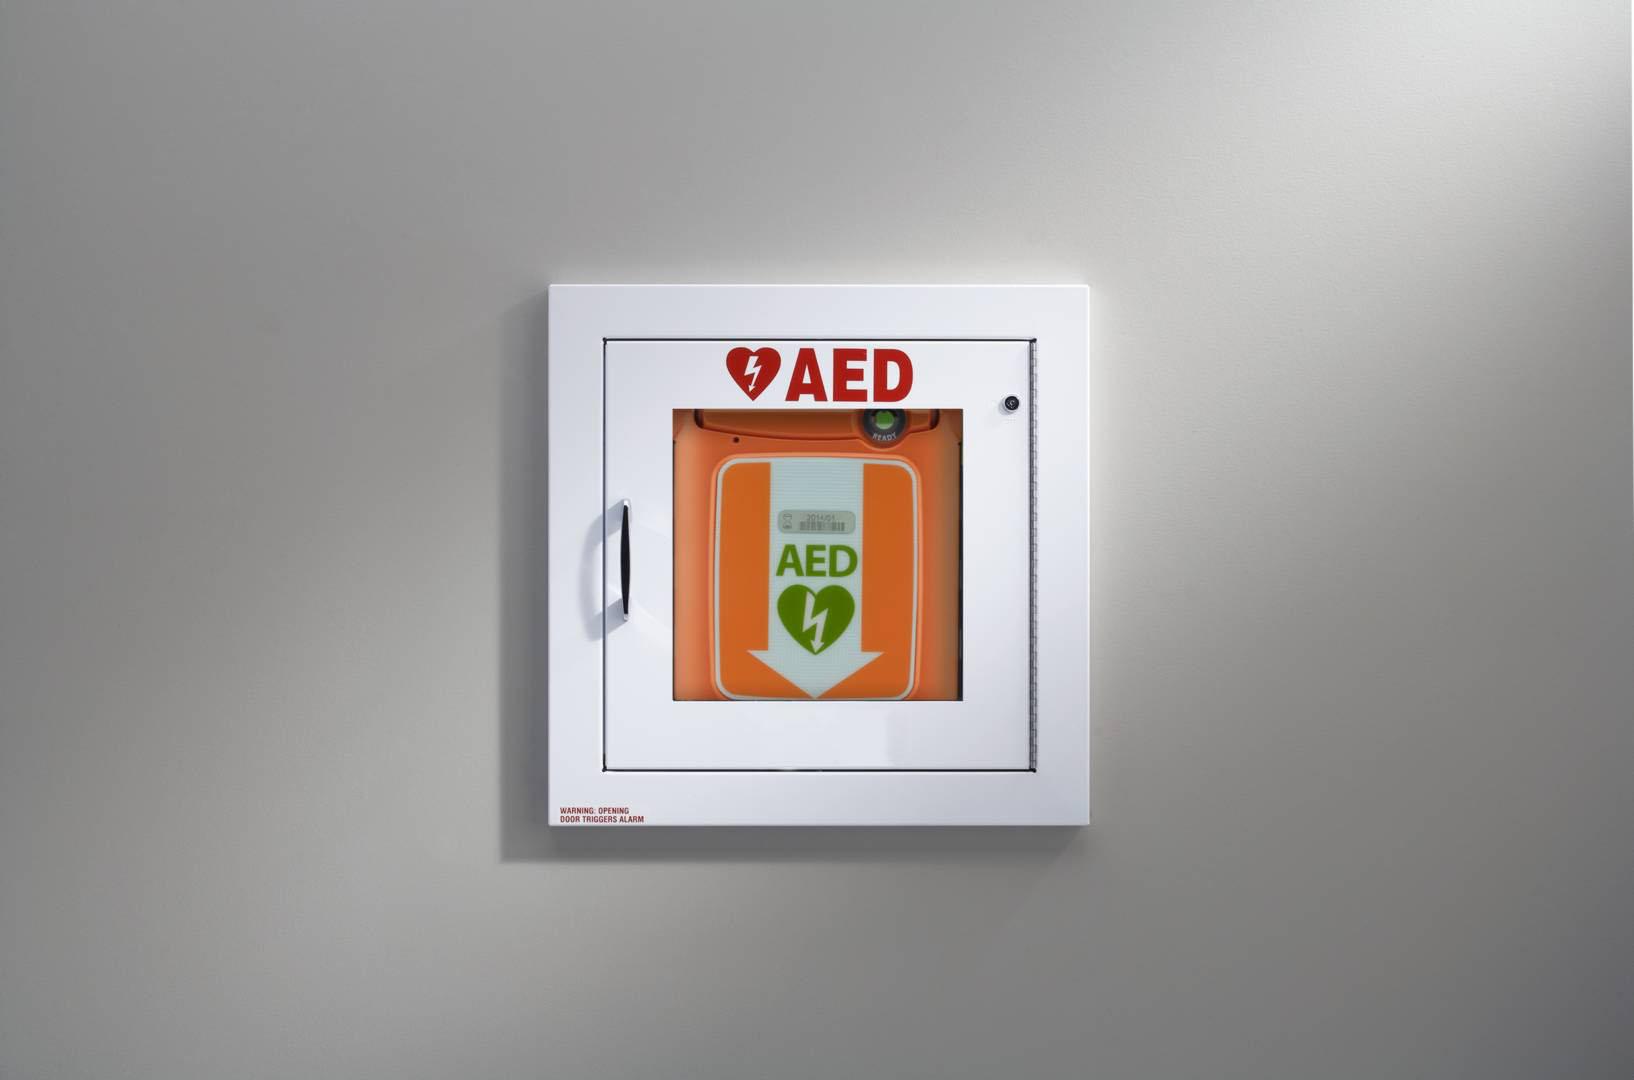 location défibrillateur automatique externe (DAE) connecté locacoeur